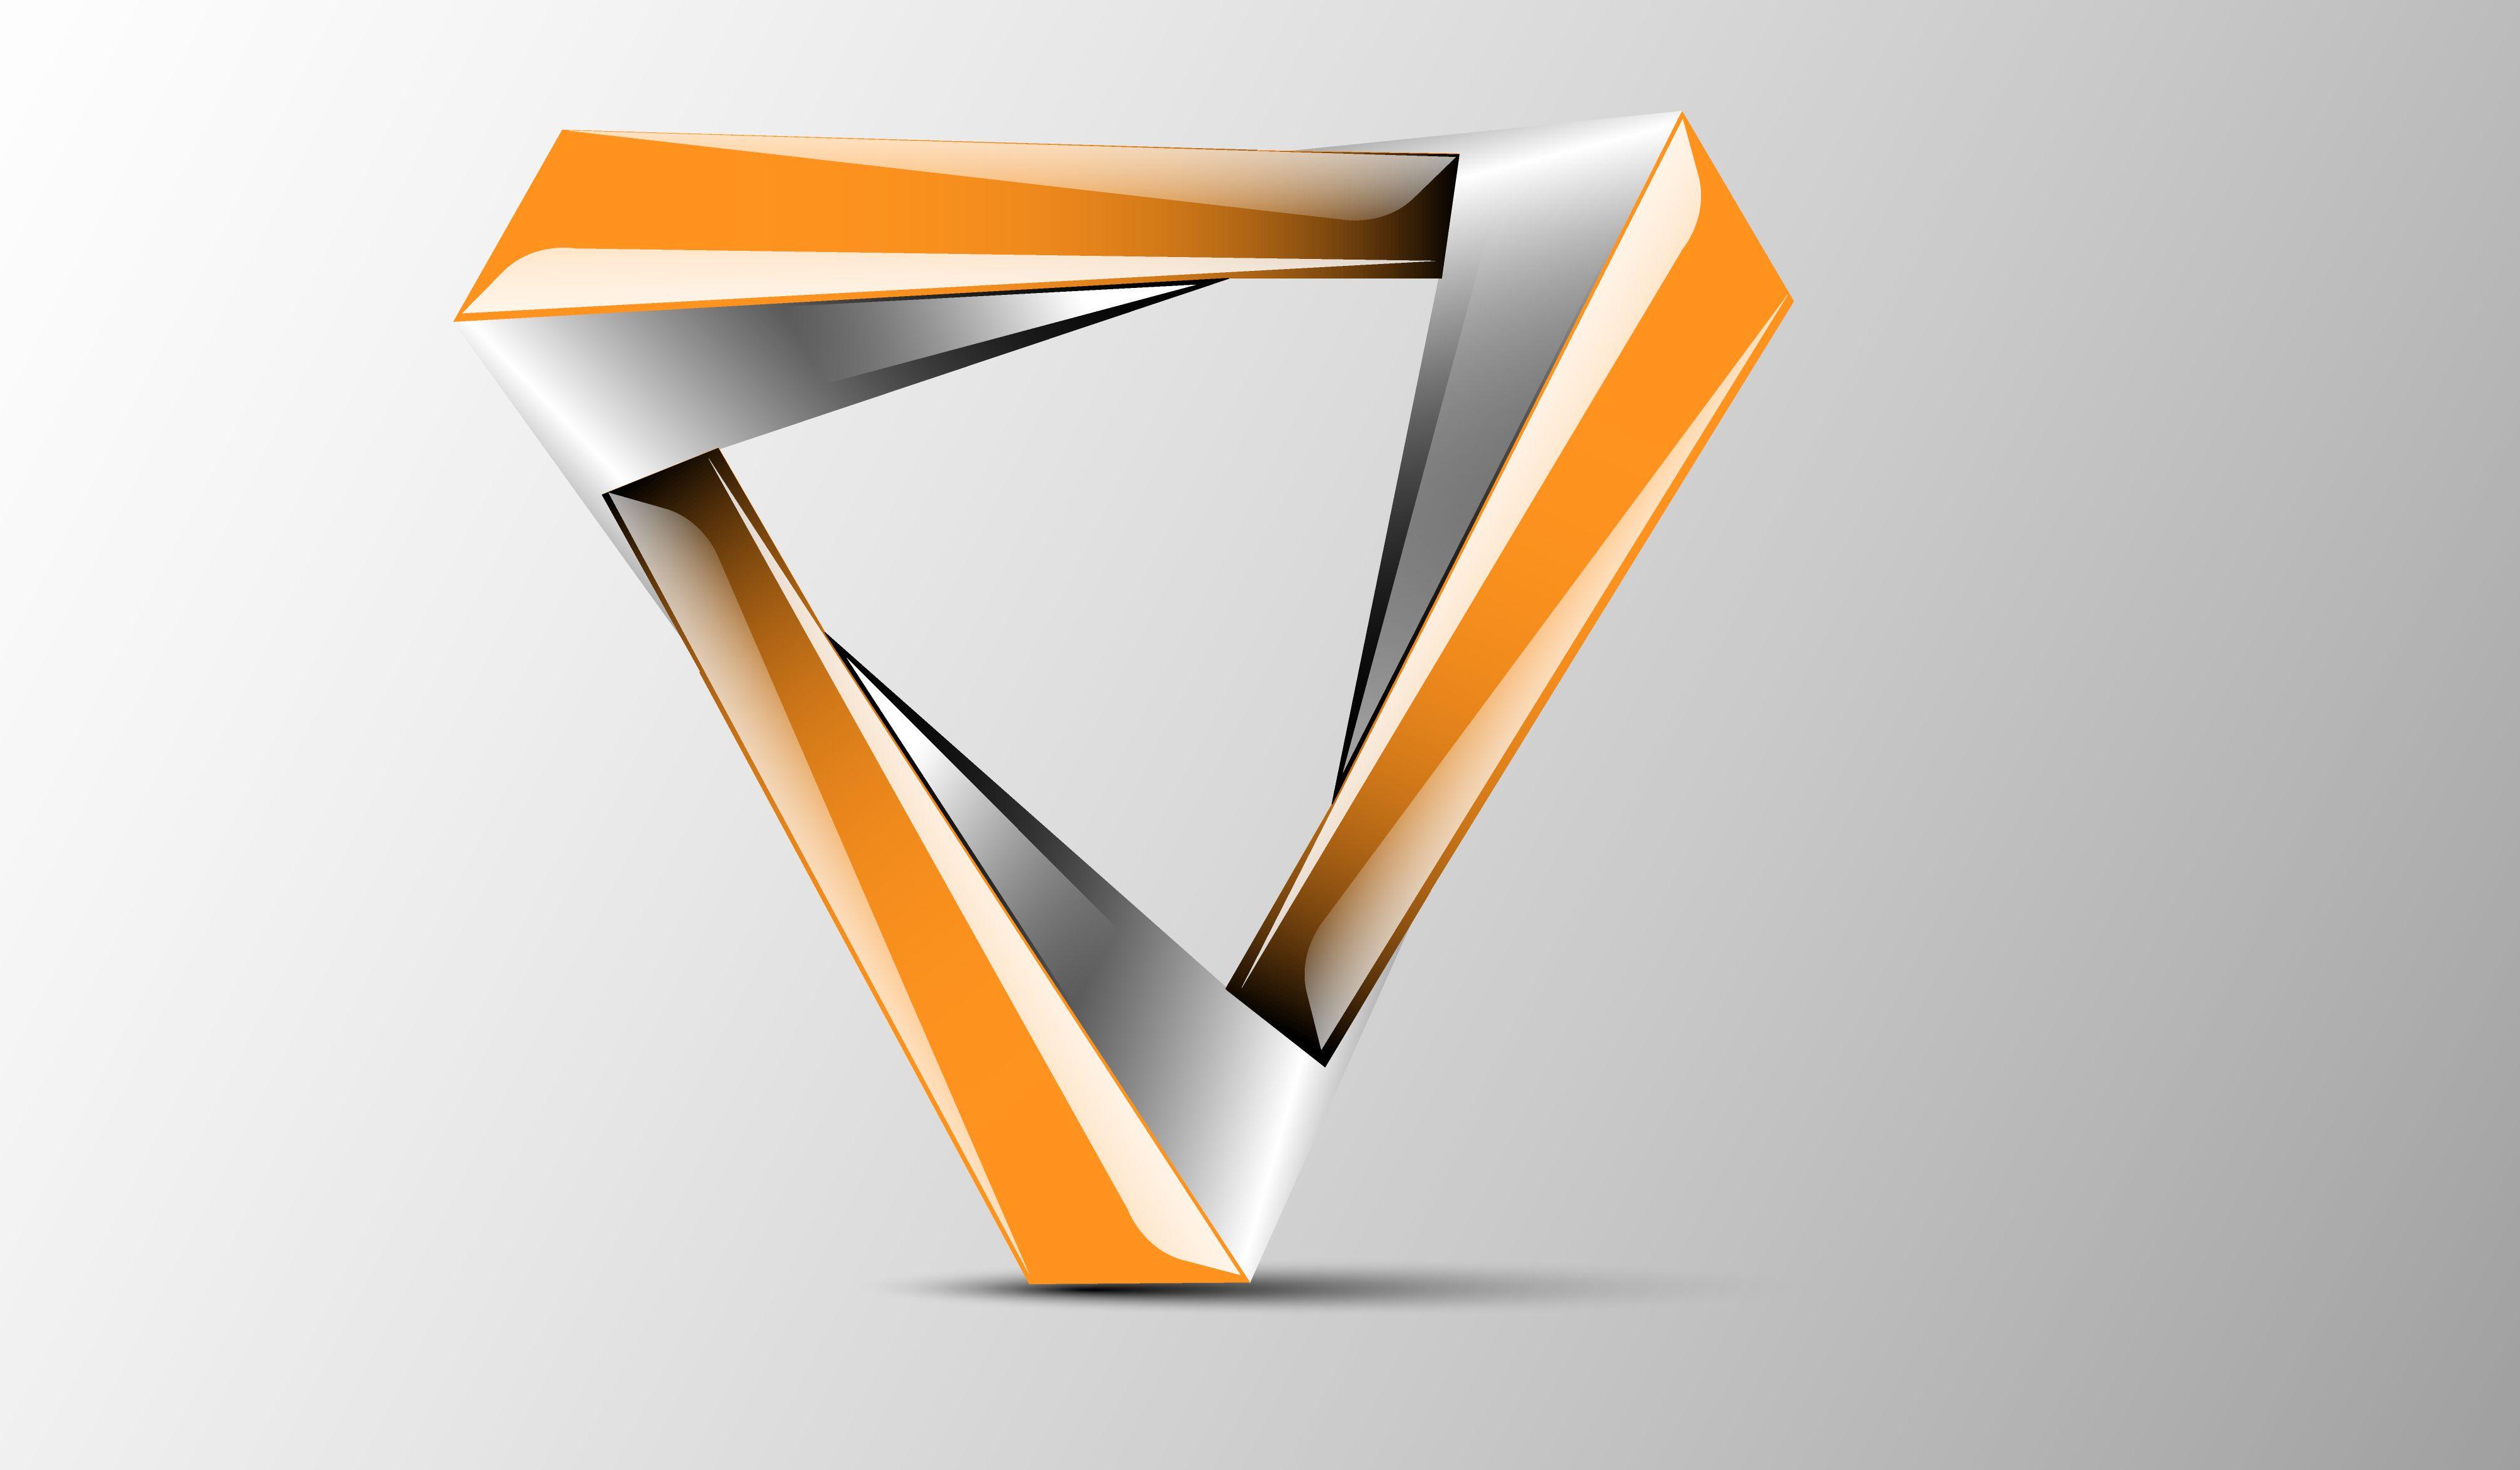 New triangle 3d logo design logo 3d triangle design